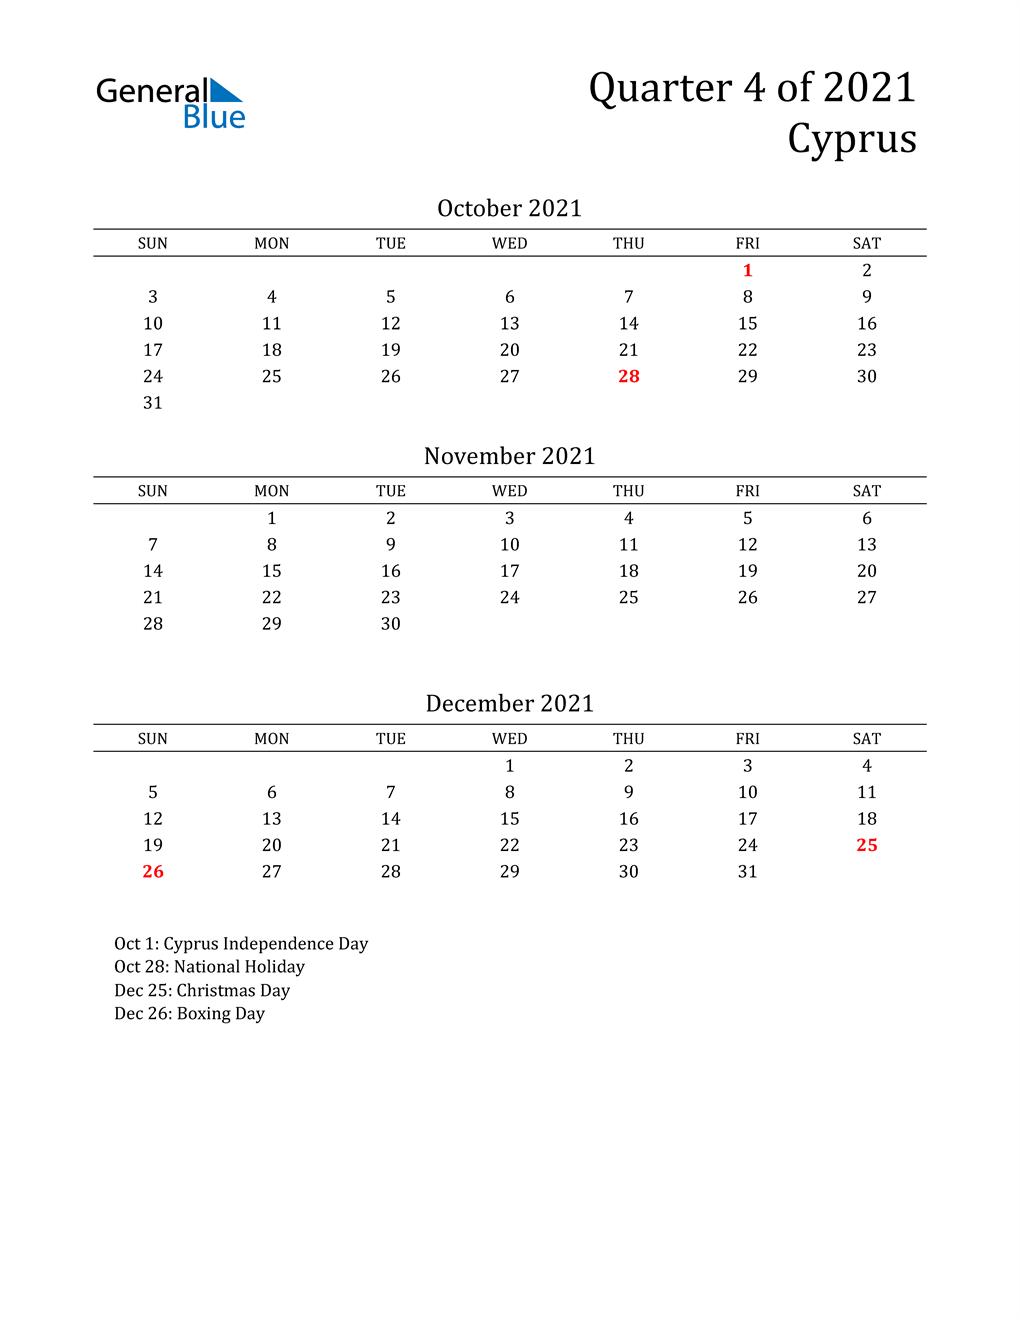 2021 Cyprus Quarterly Calendar